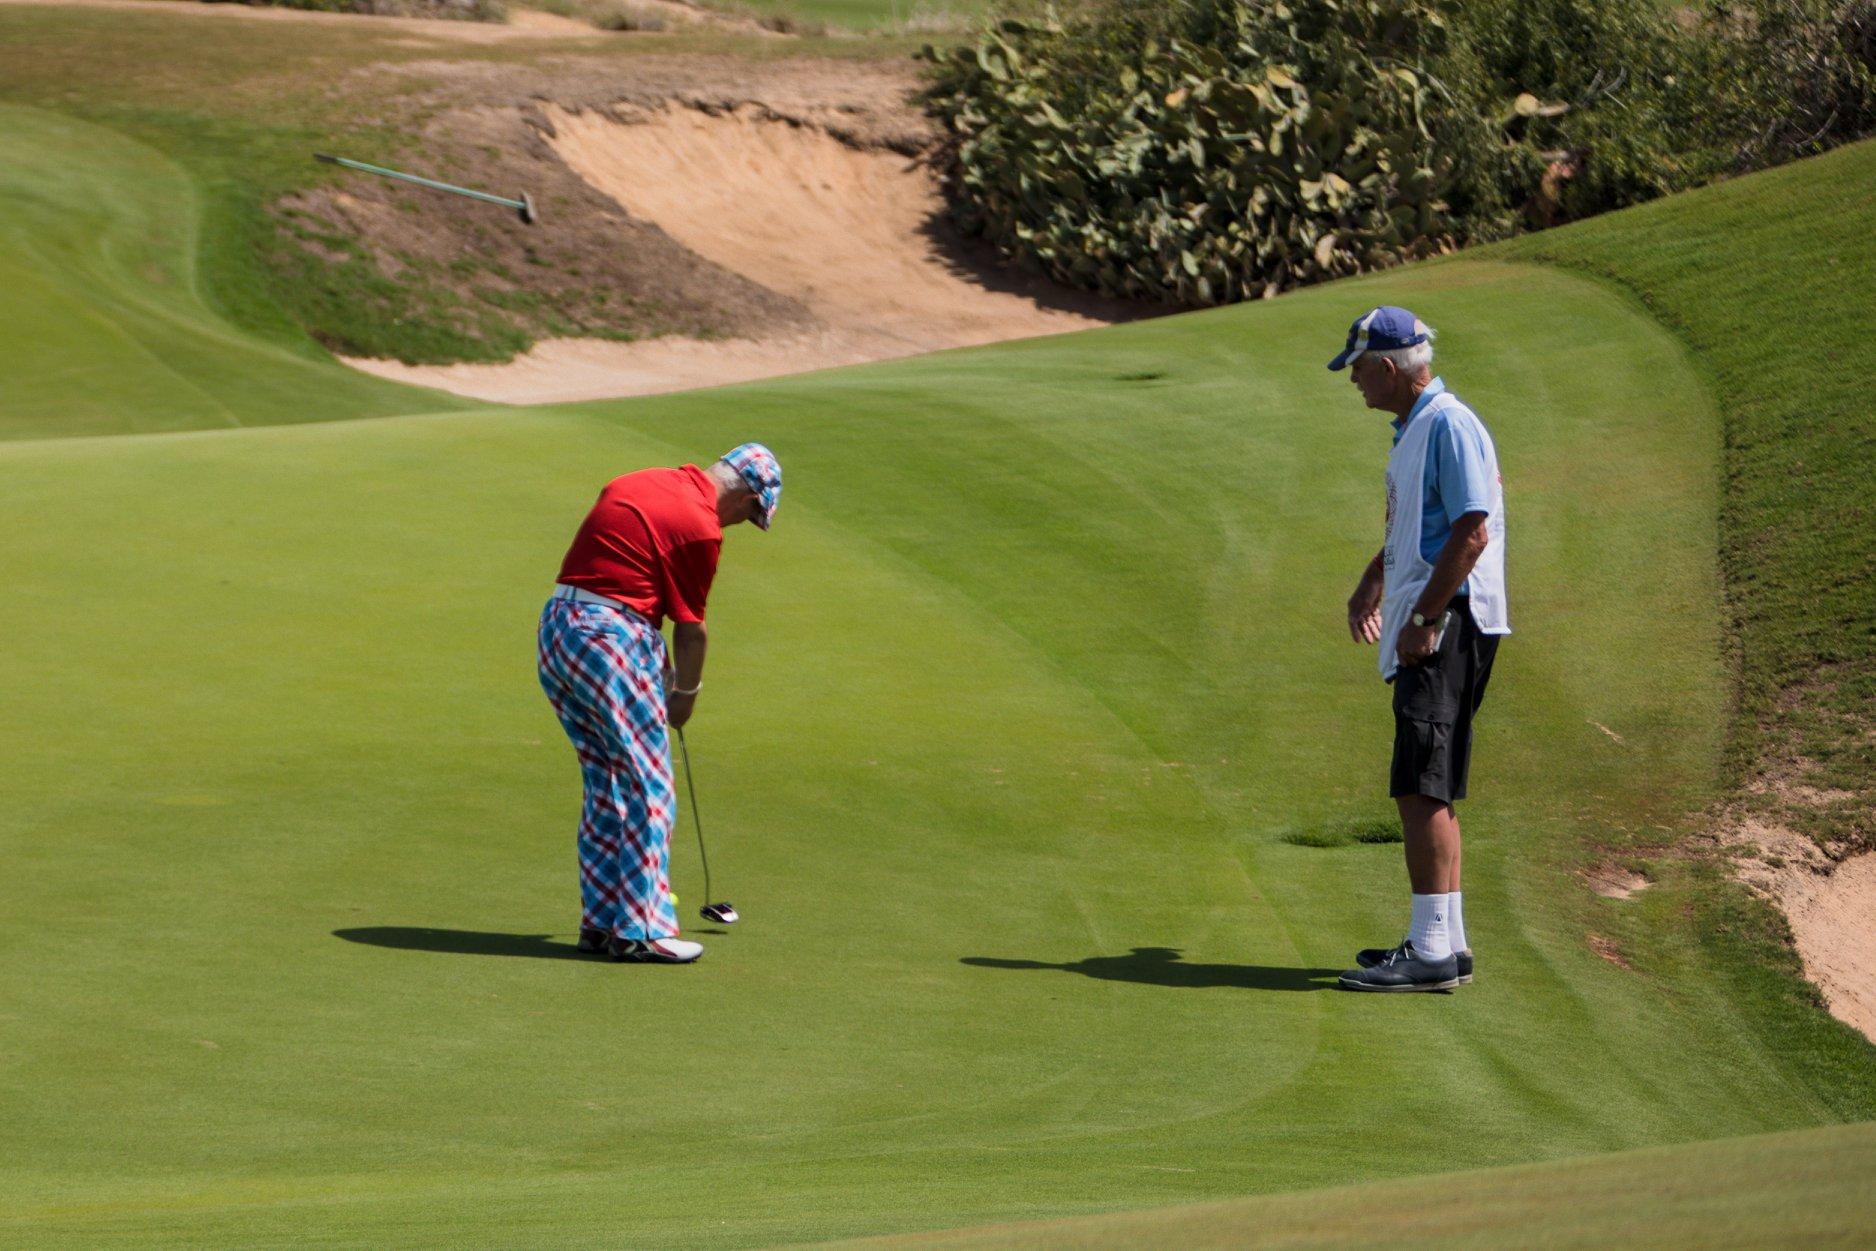 Day 6 - Yas Links Abu Dhabi Golf Club